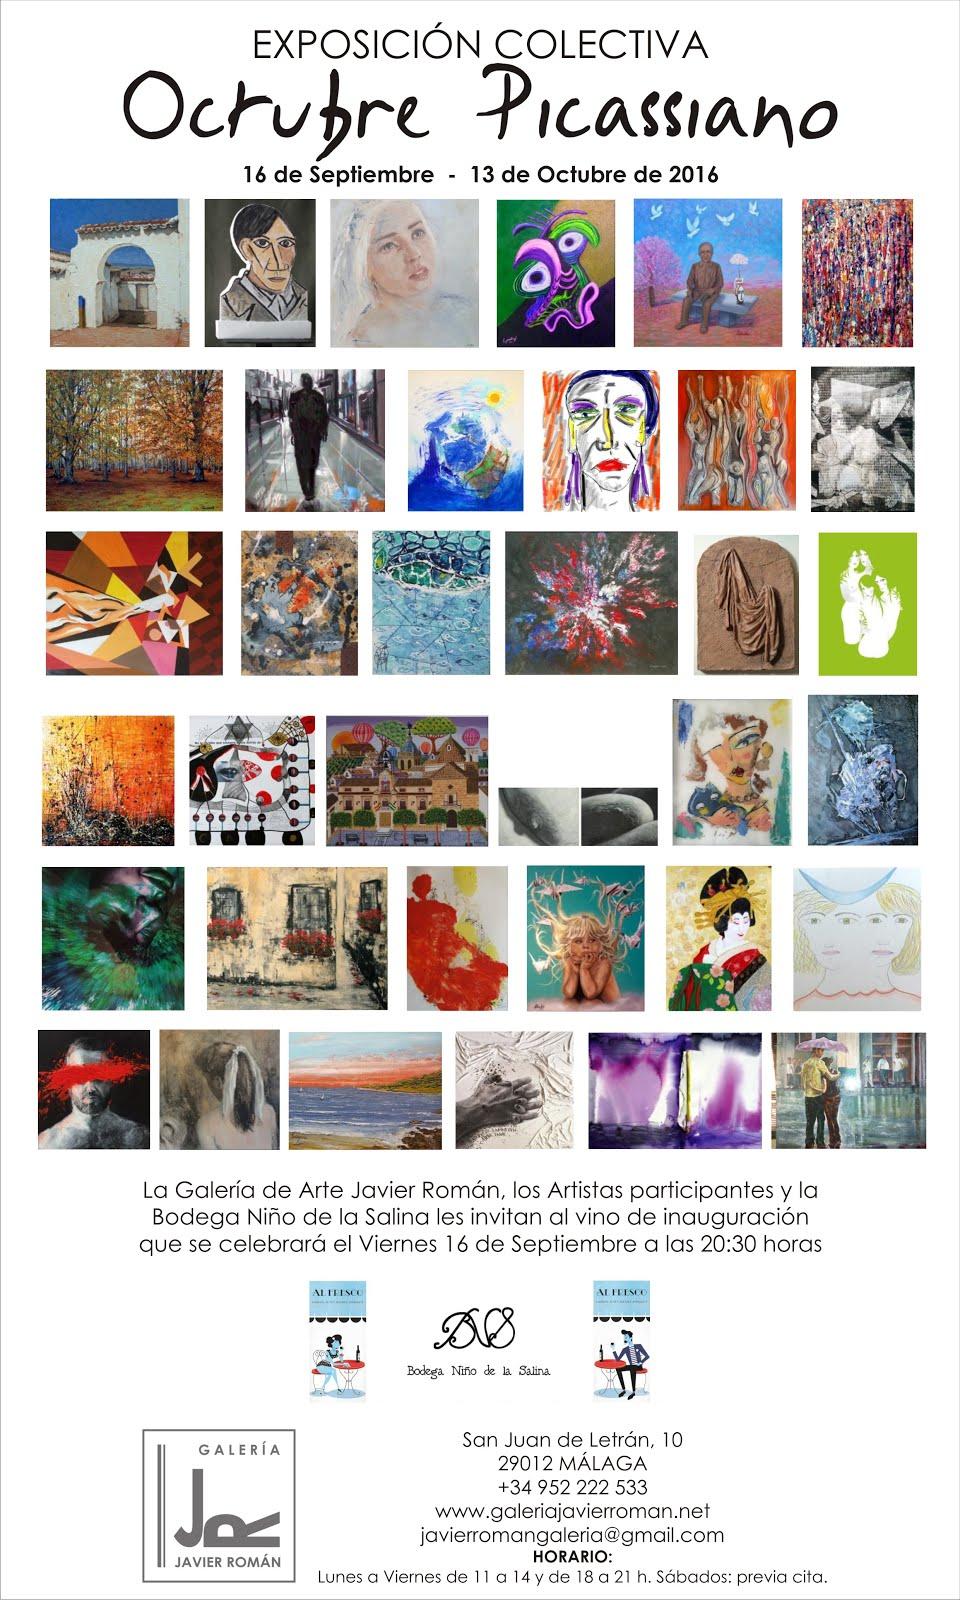 Exposición Octubre Picassiano Galería de Arte Javier Román.Málaga